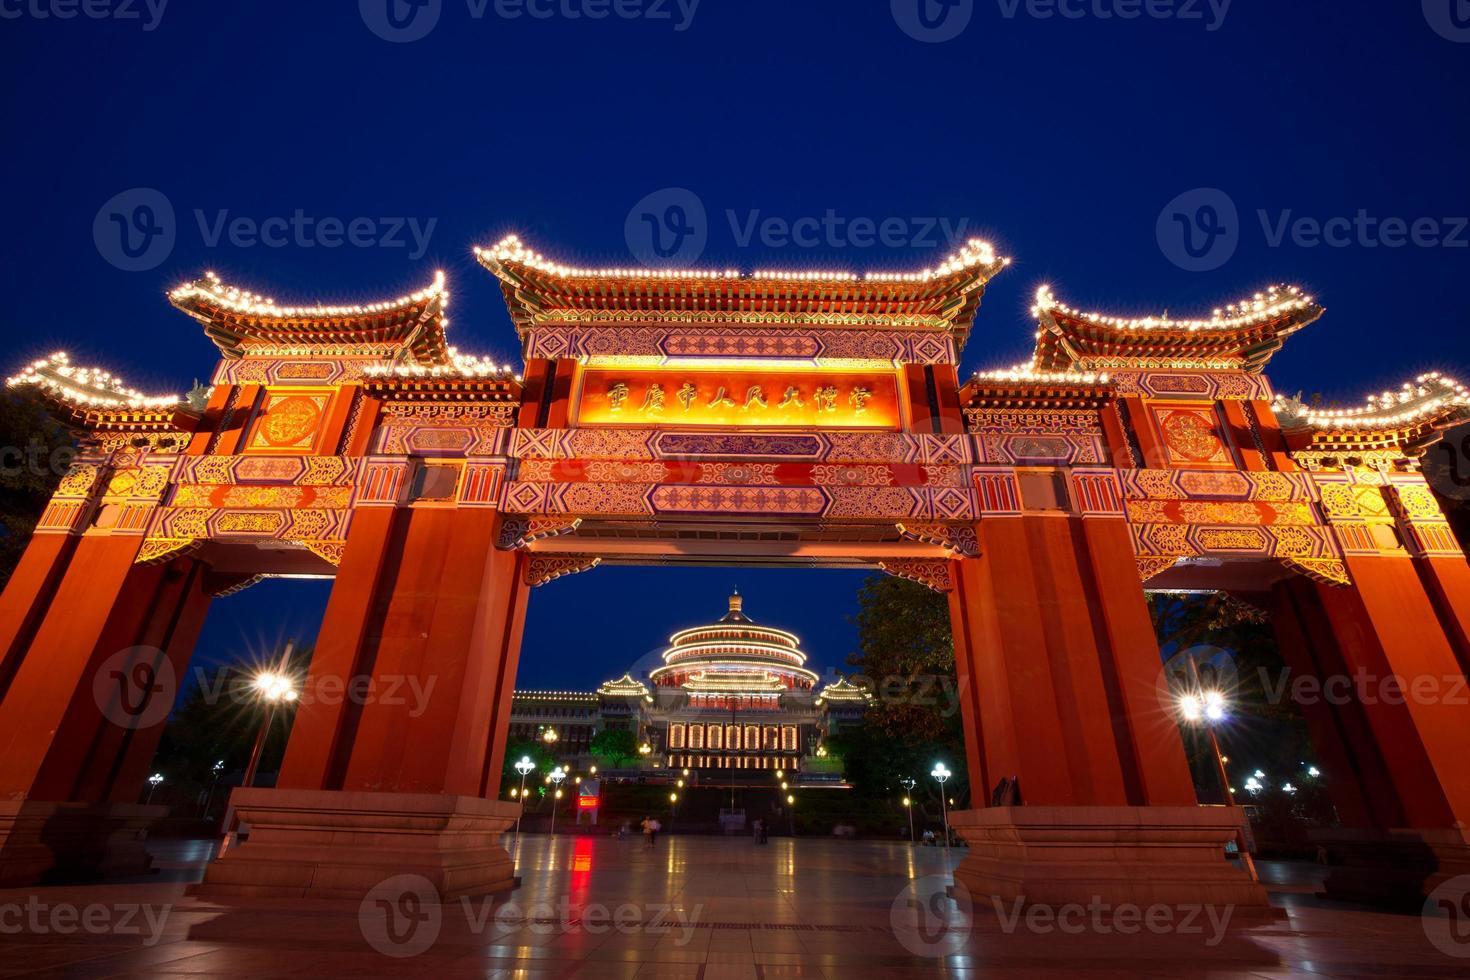 Bogentor und große Halle Nacht Szene, Chongqing, China foto